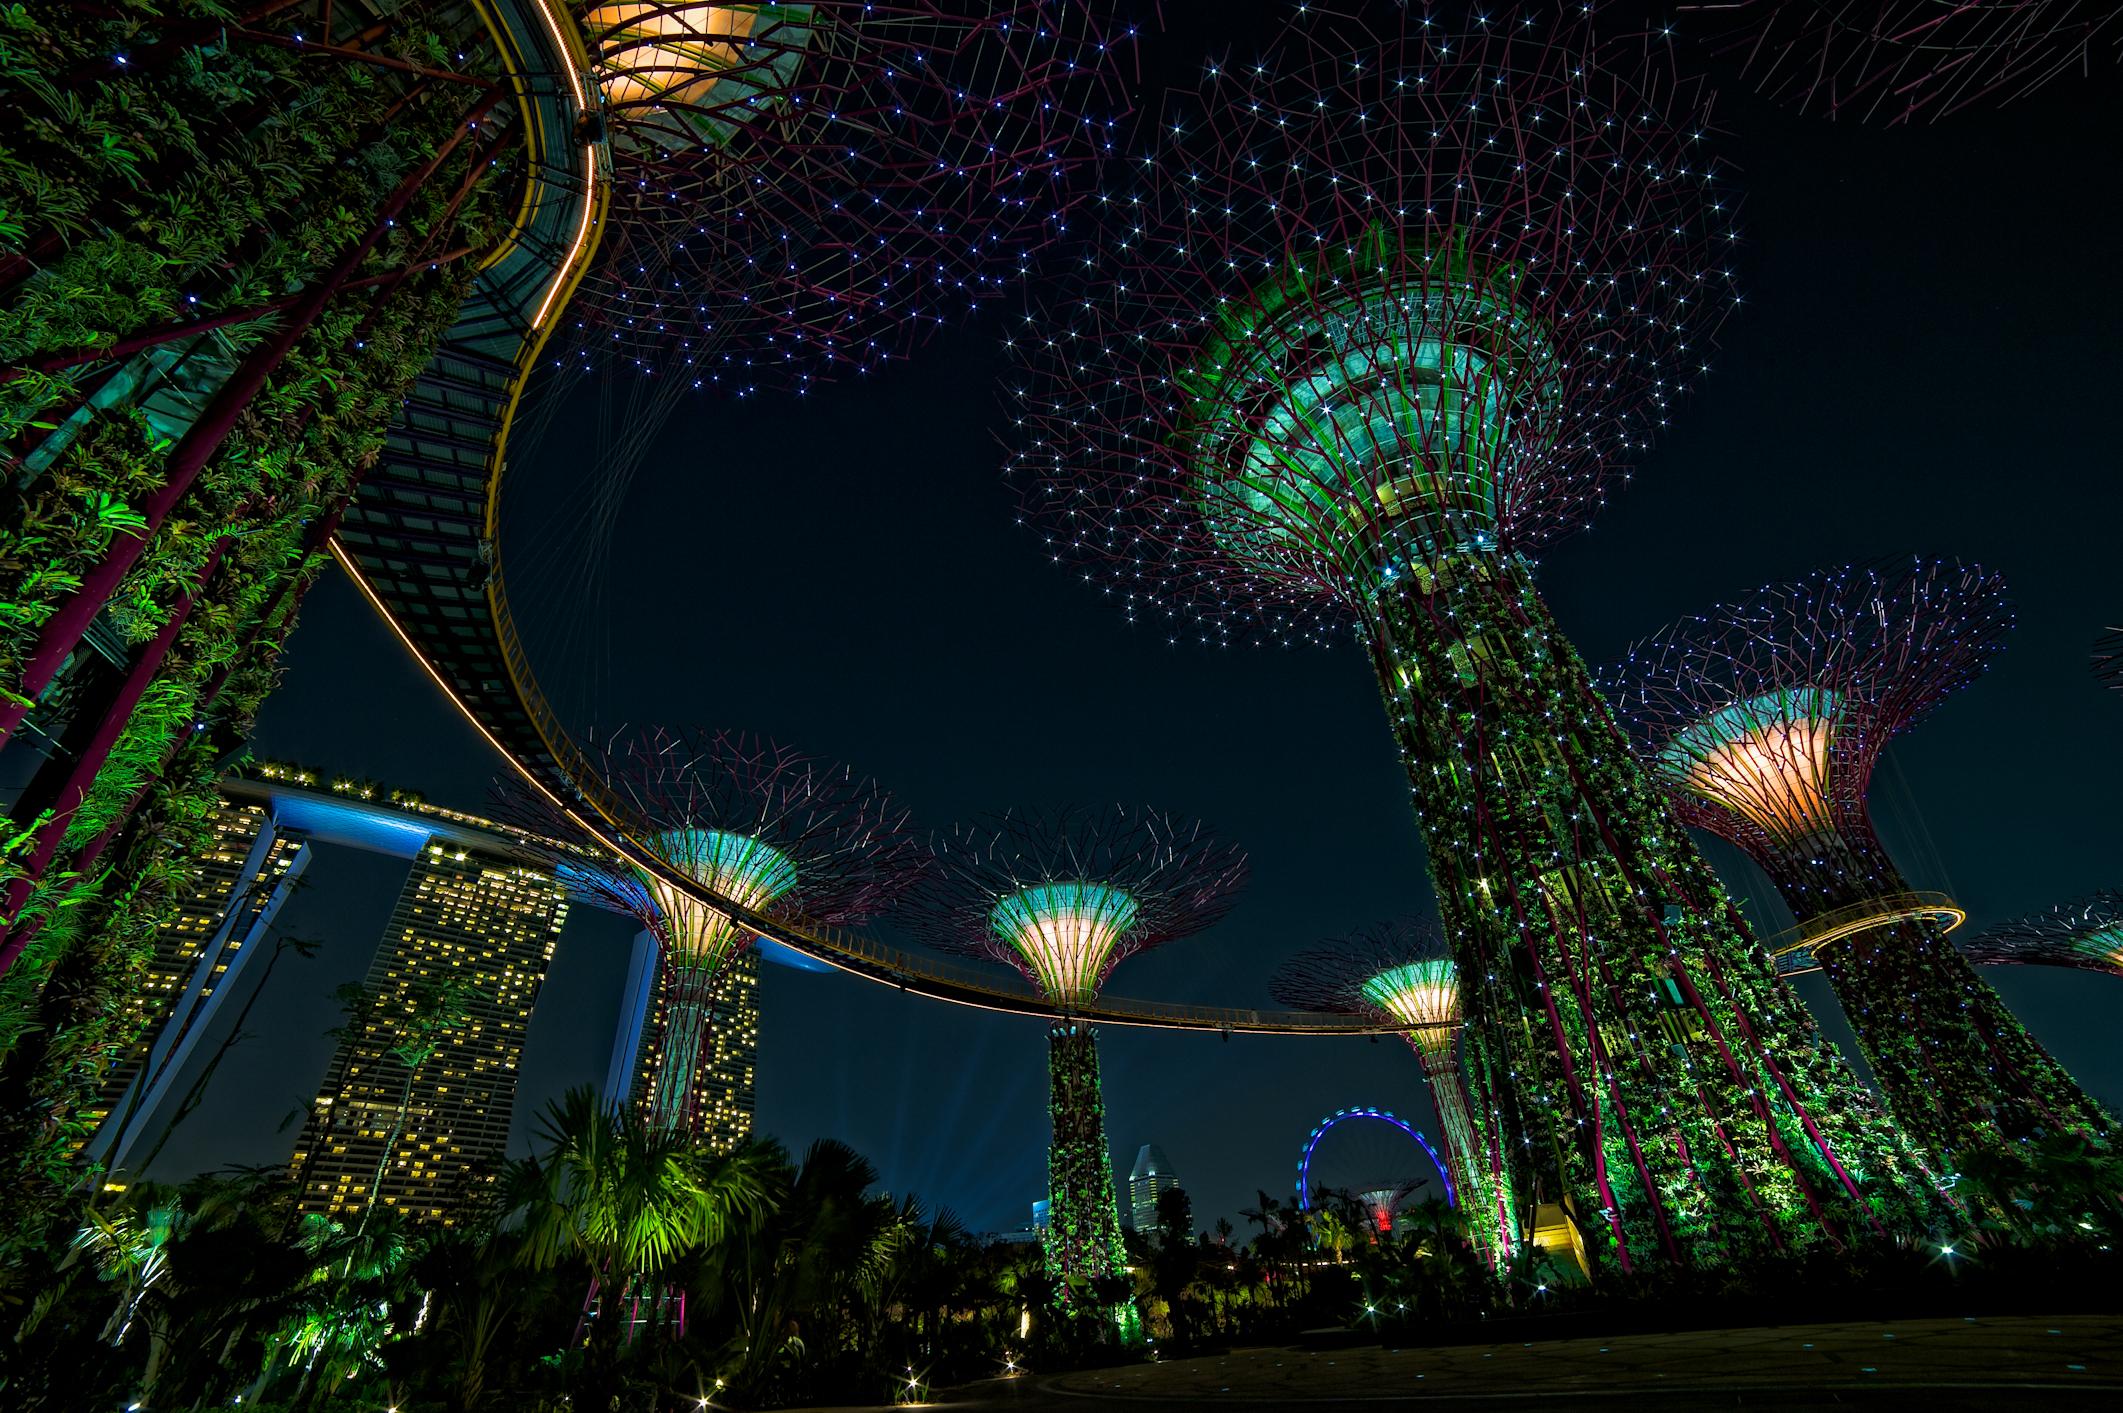 ライトアップされた近未来型植物園「ガーデンズバイザベイ」へご案内